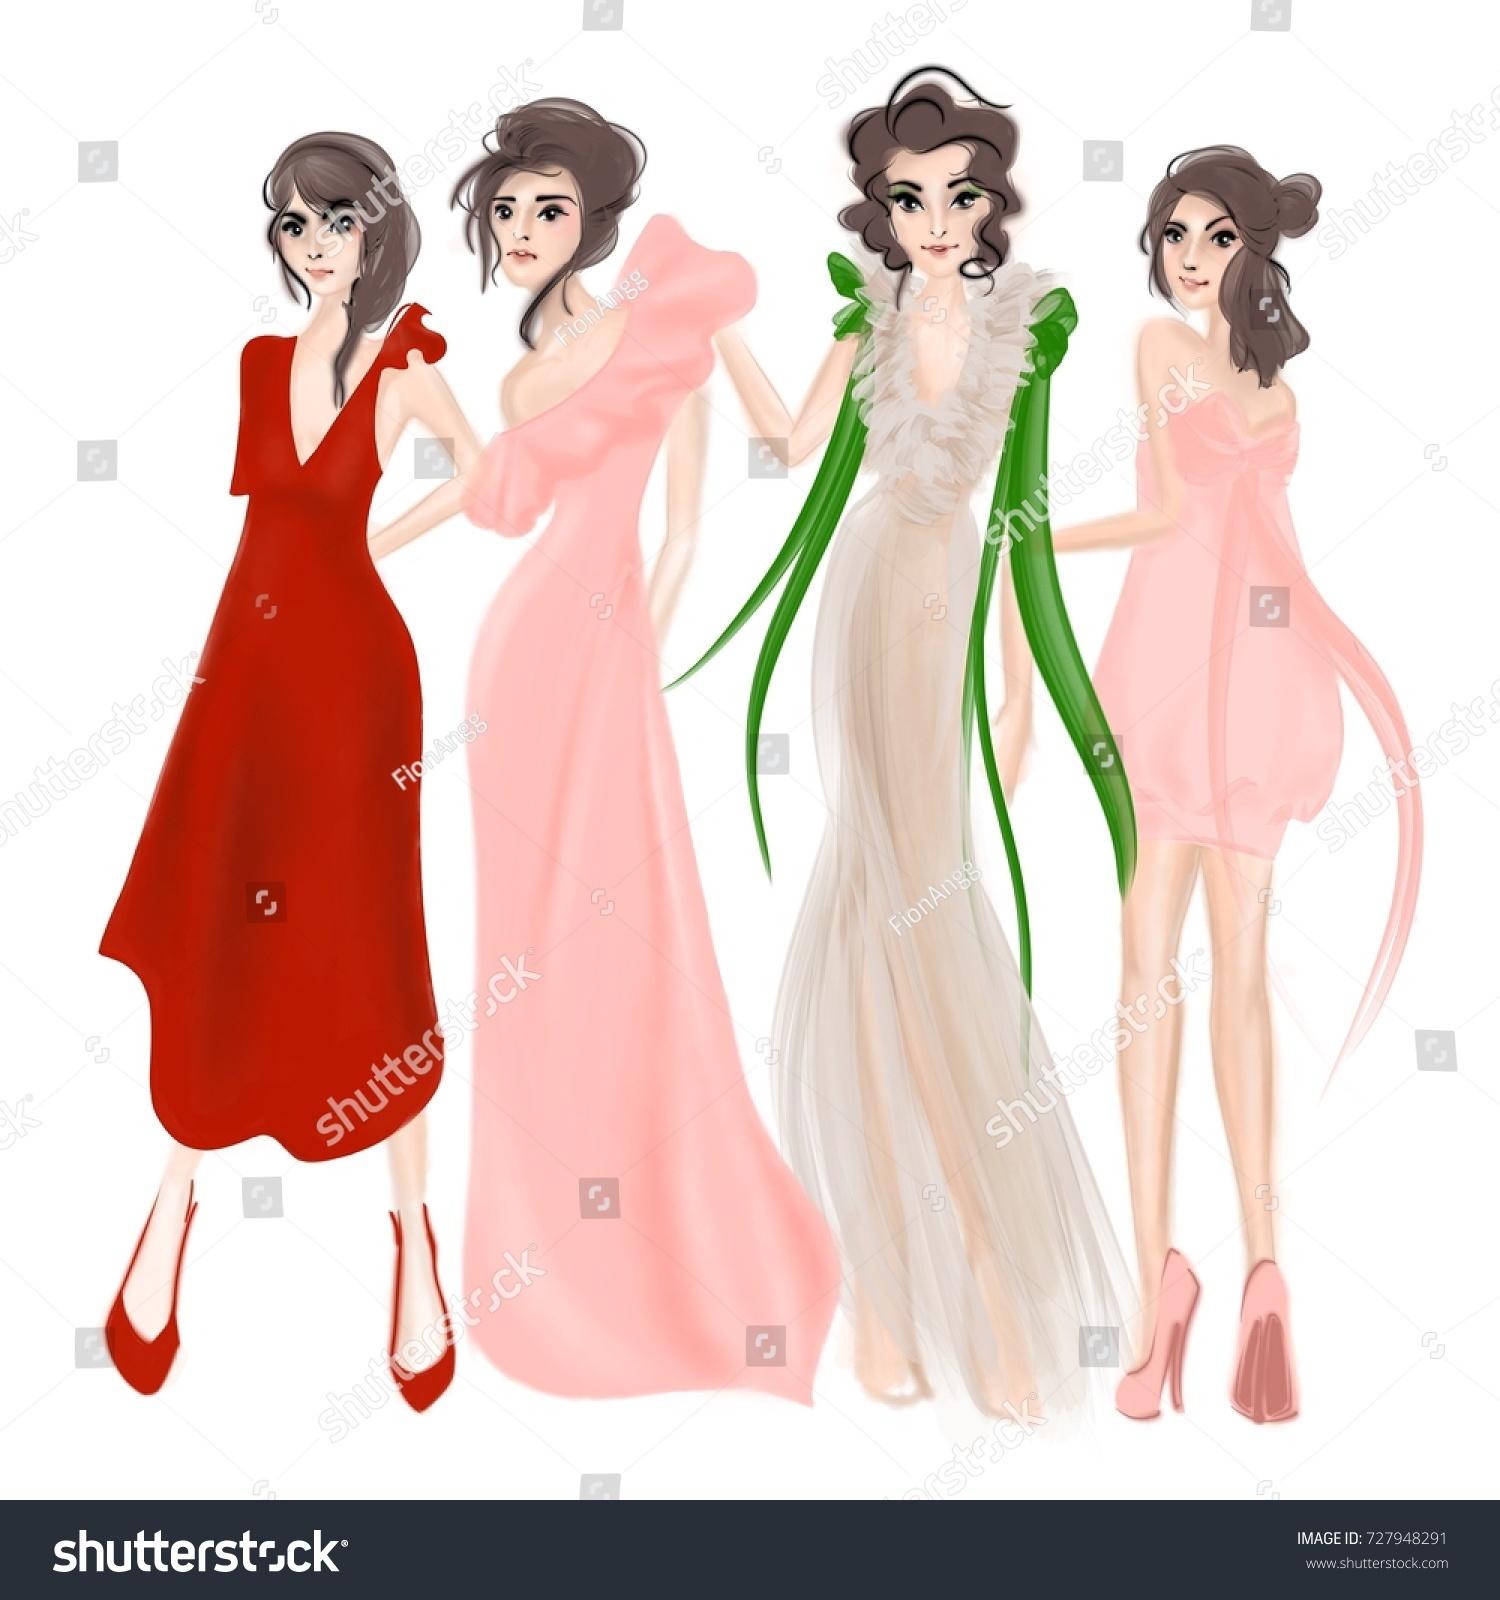 Girls Designer Party Dresses Stock Illustration 727948291 - Shutterstock